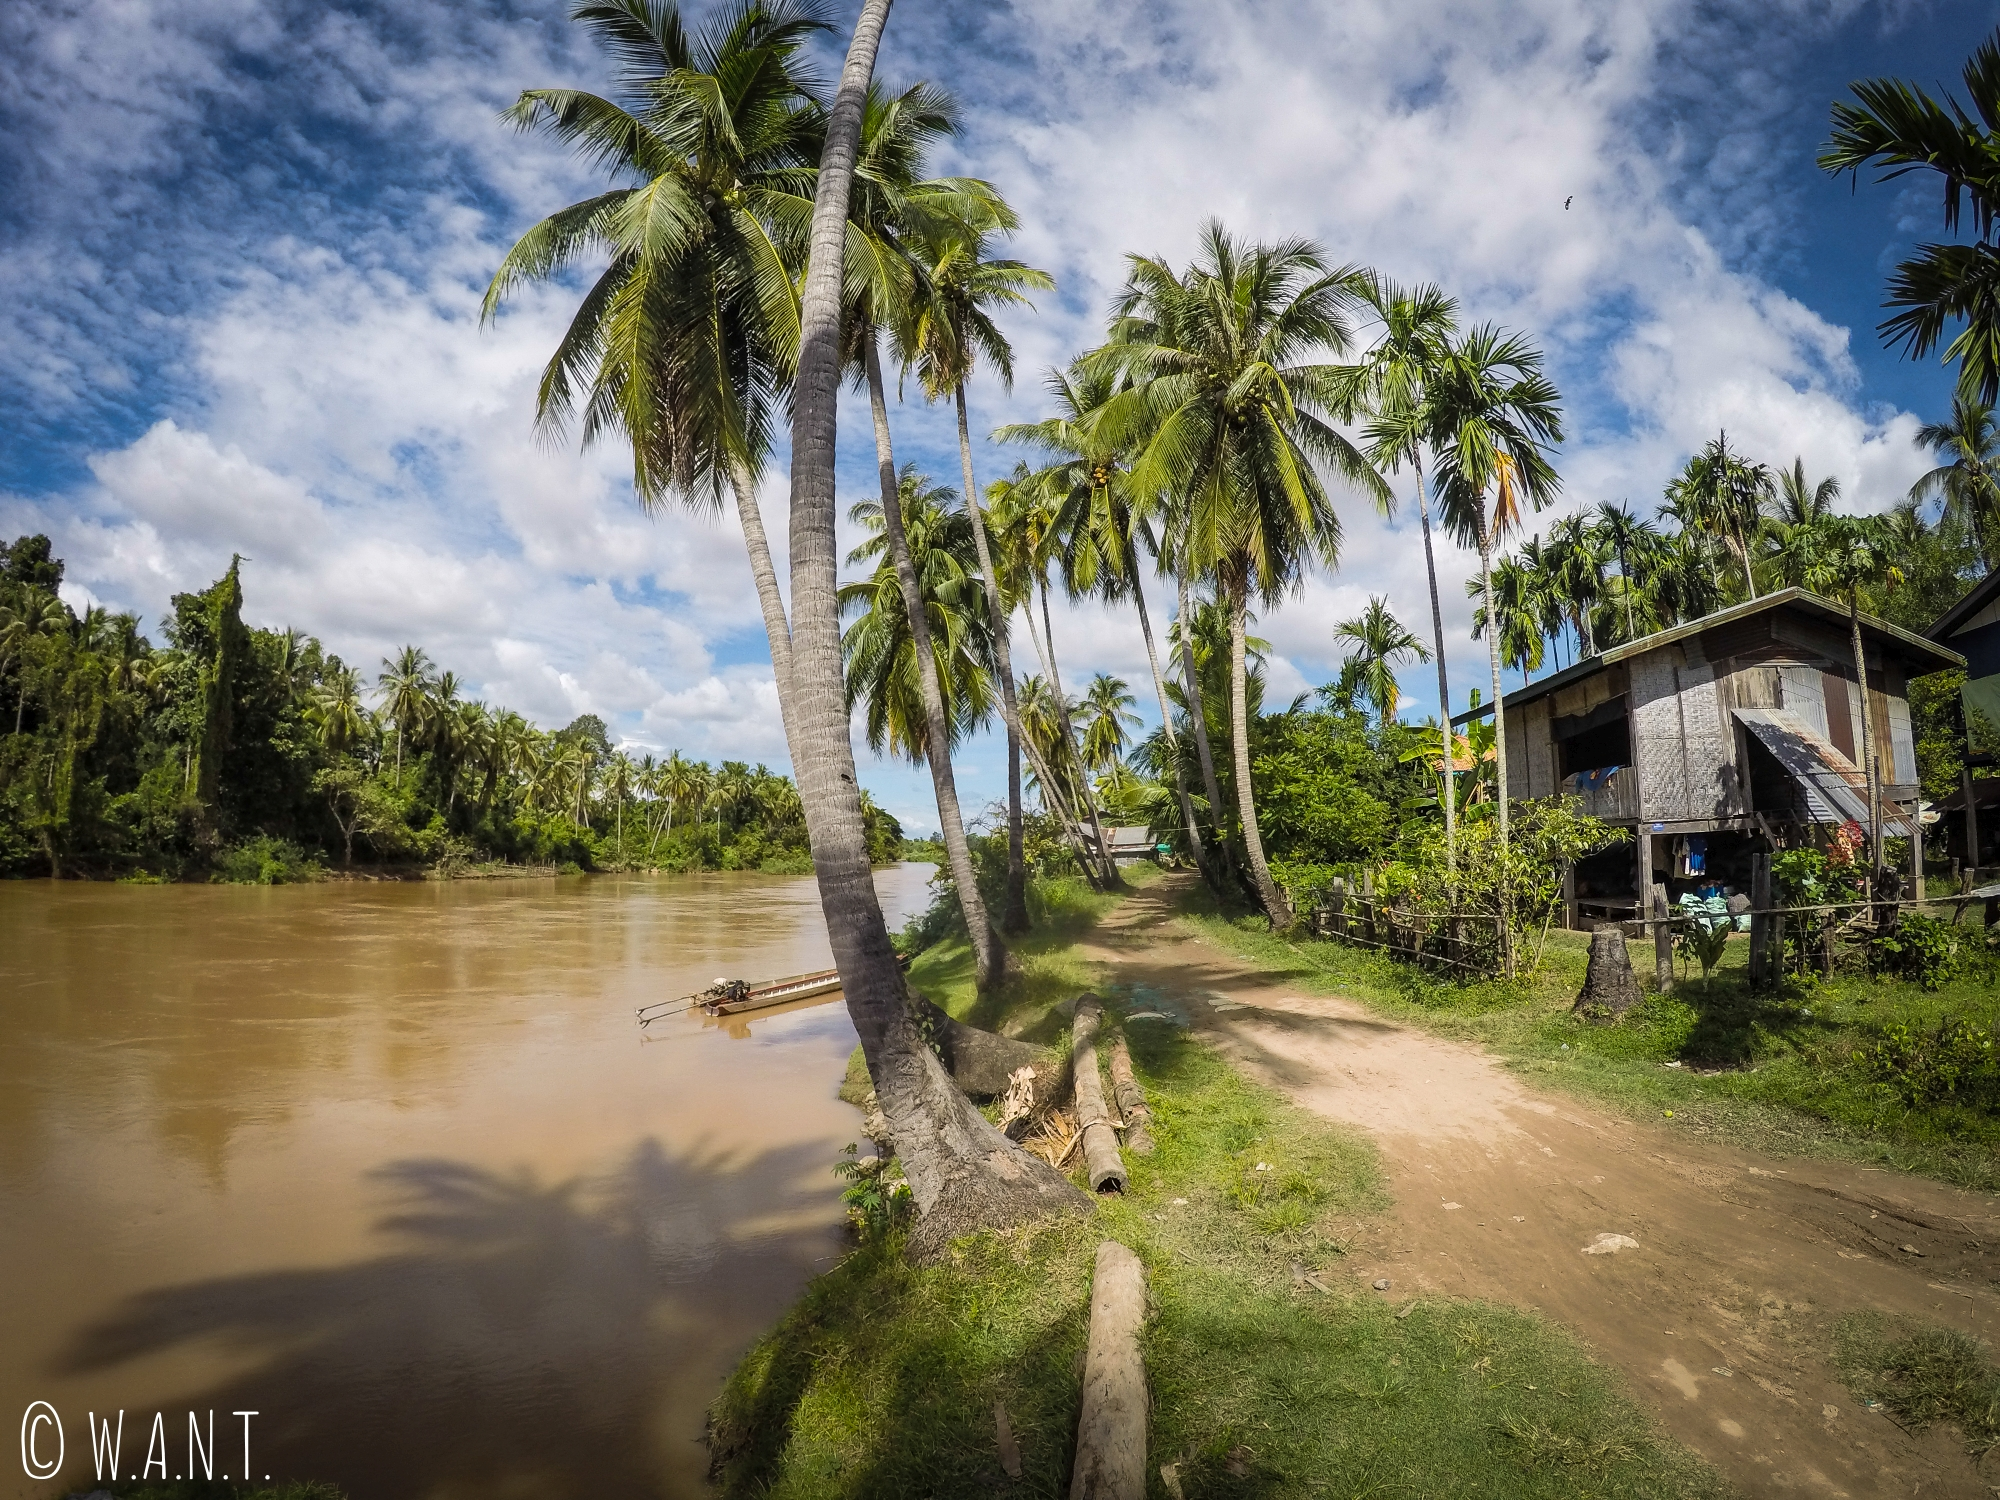 Palmiers et maison sur pilotis sur l'île de Don Khon